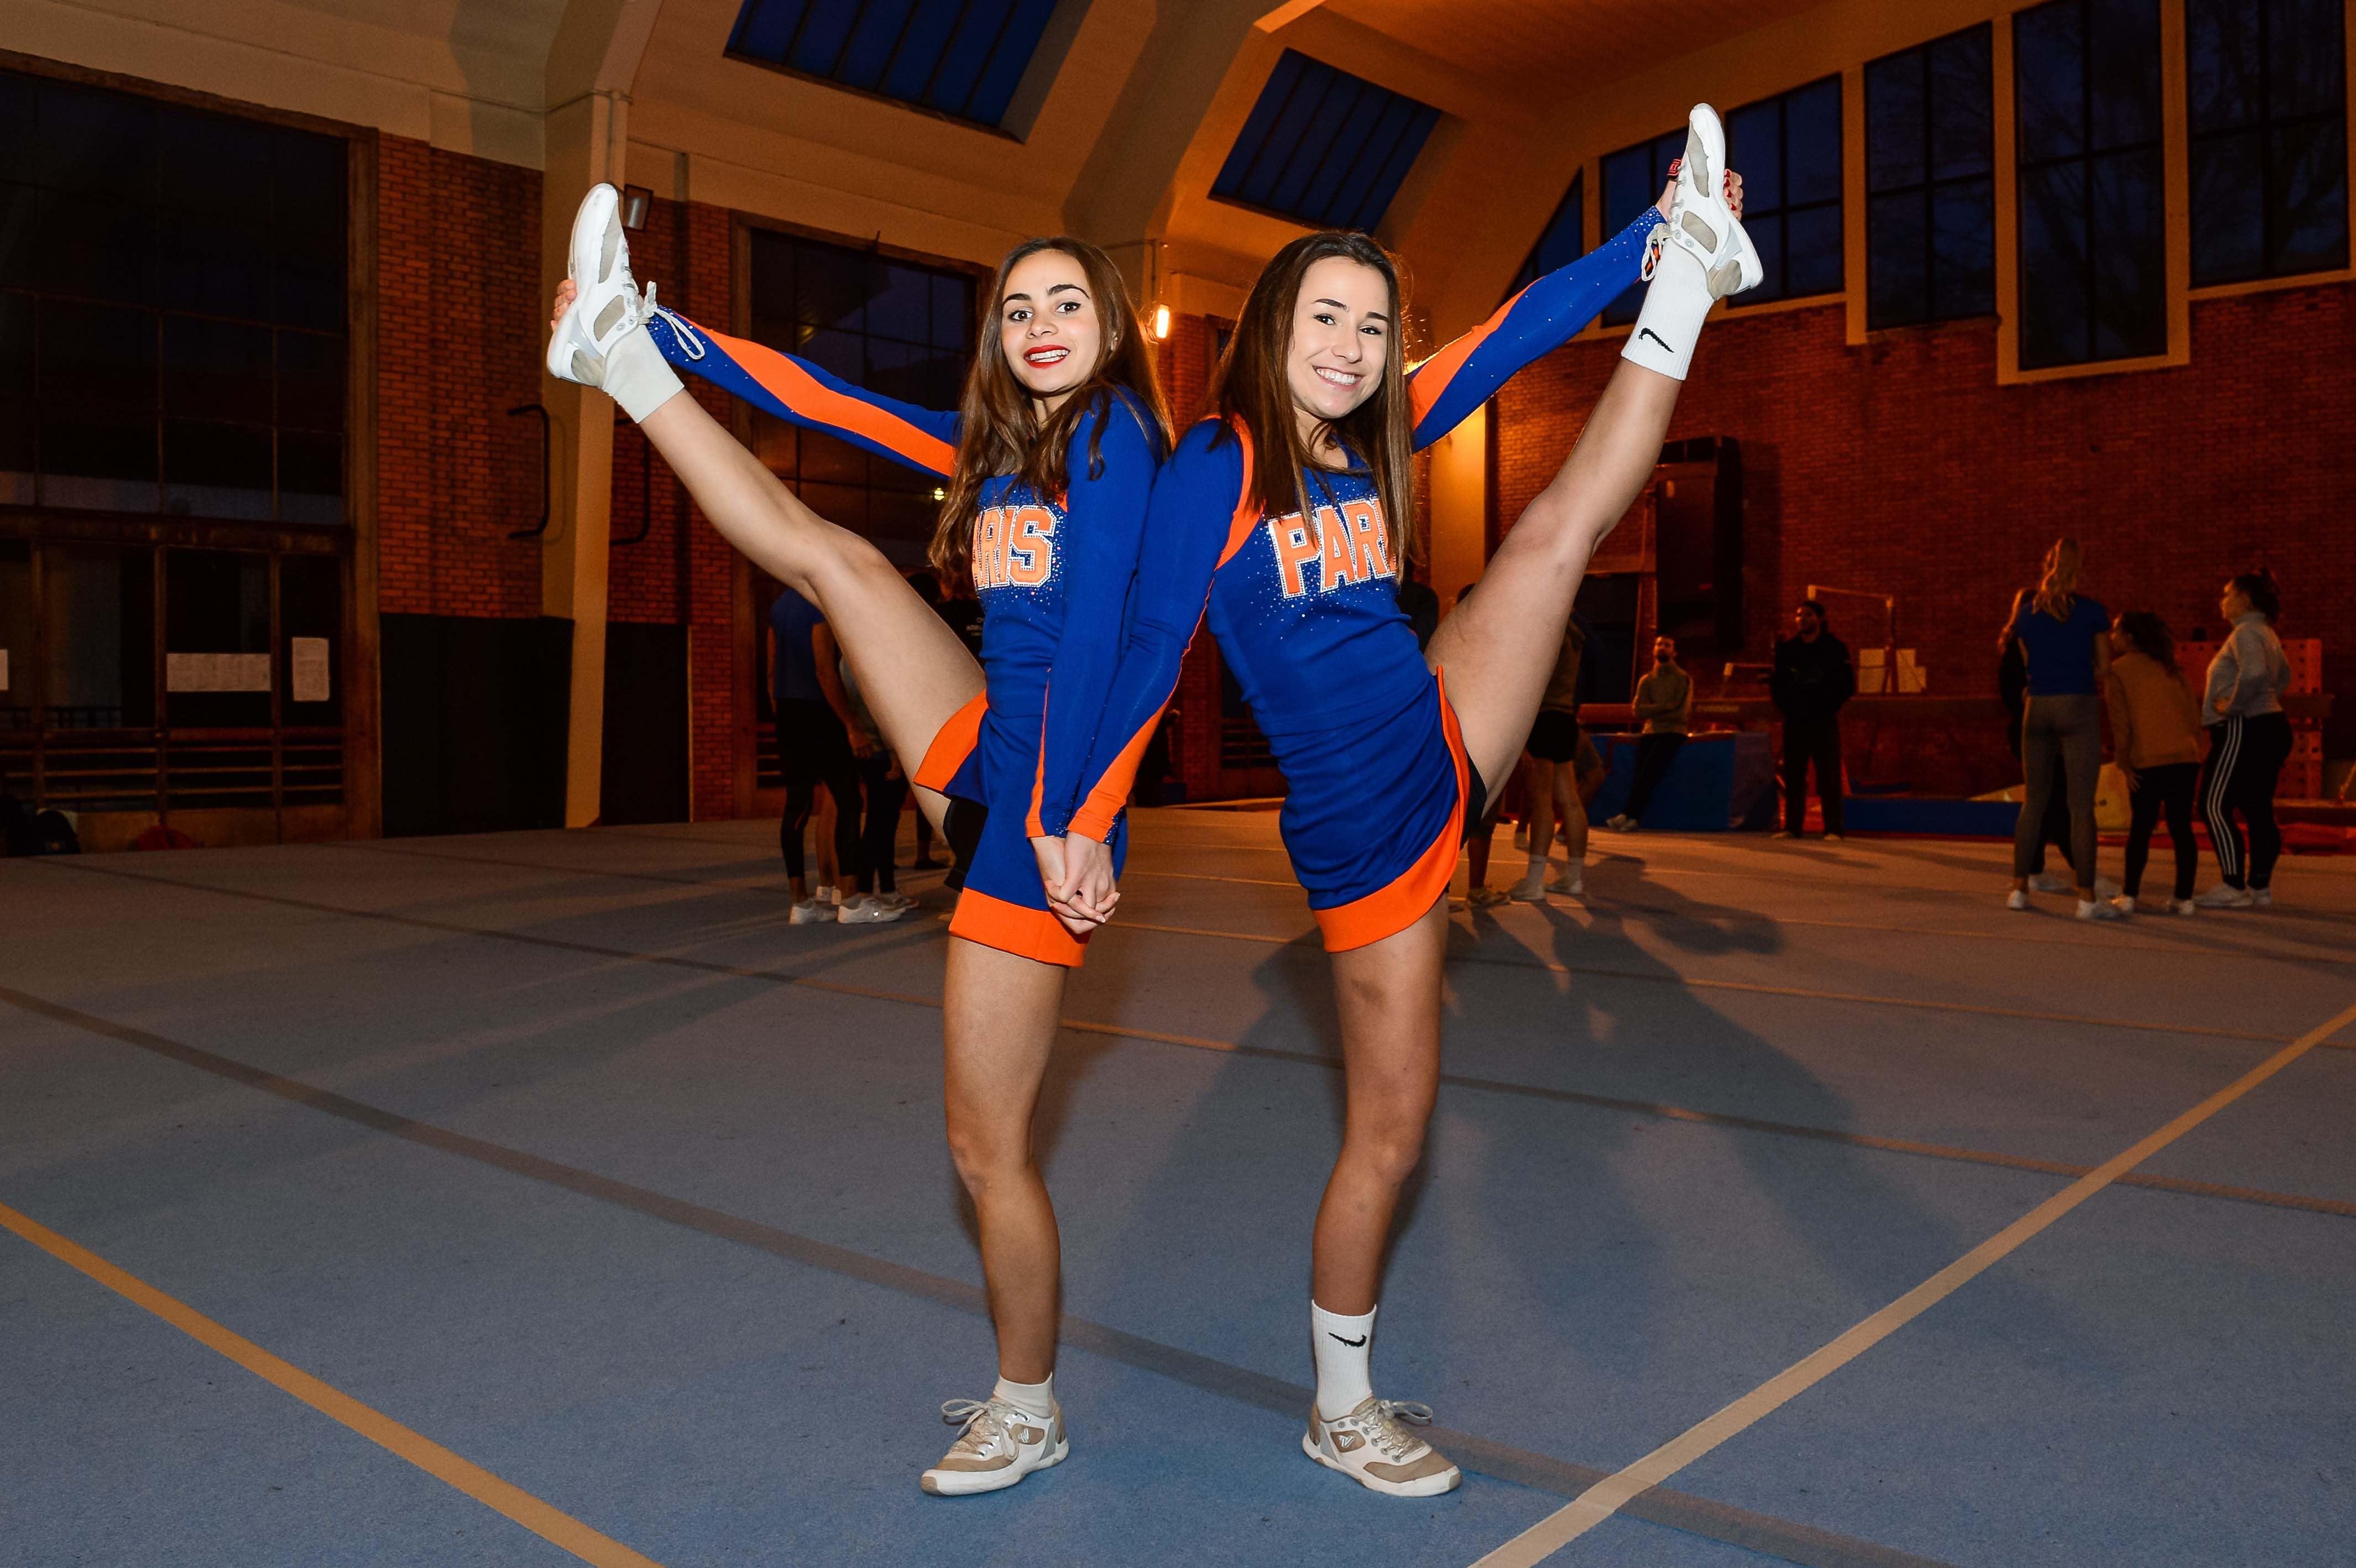 Nous avons infiltré Paris Cheer, le plus gros club de cheerleading de France, à la découverte d'une discipline mal connue, athlétique et très spectaculaire.